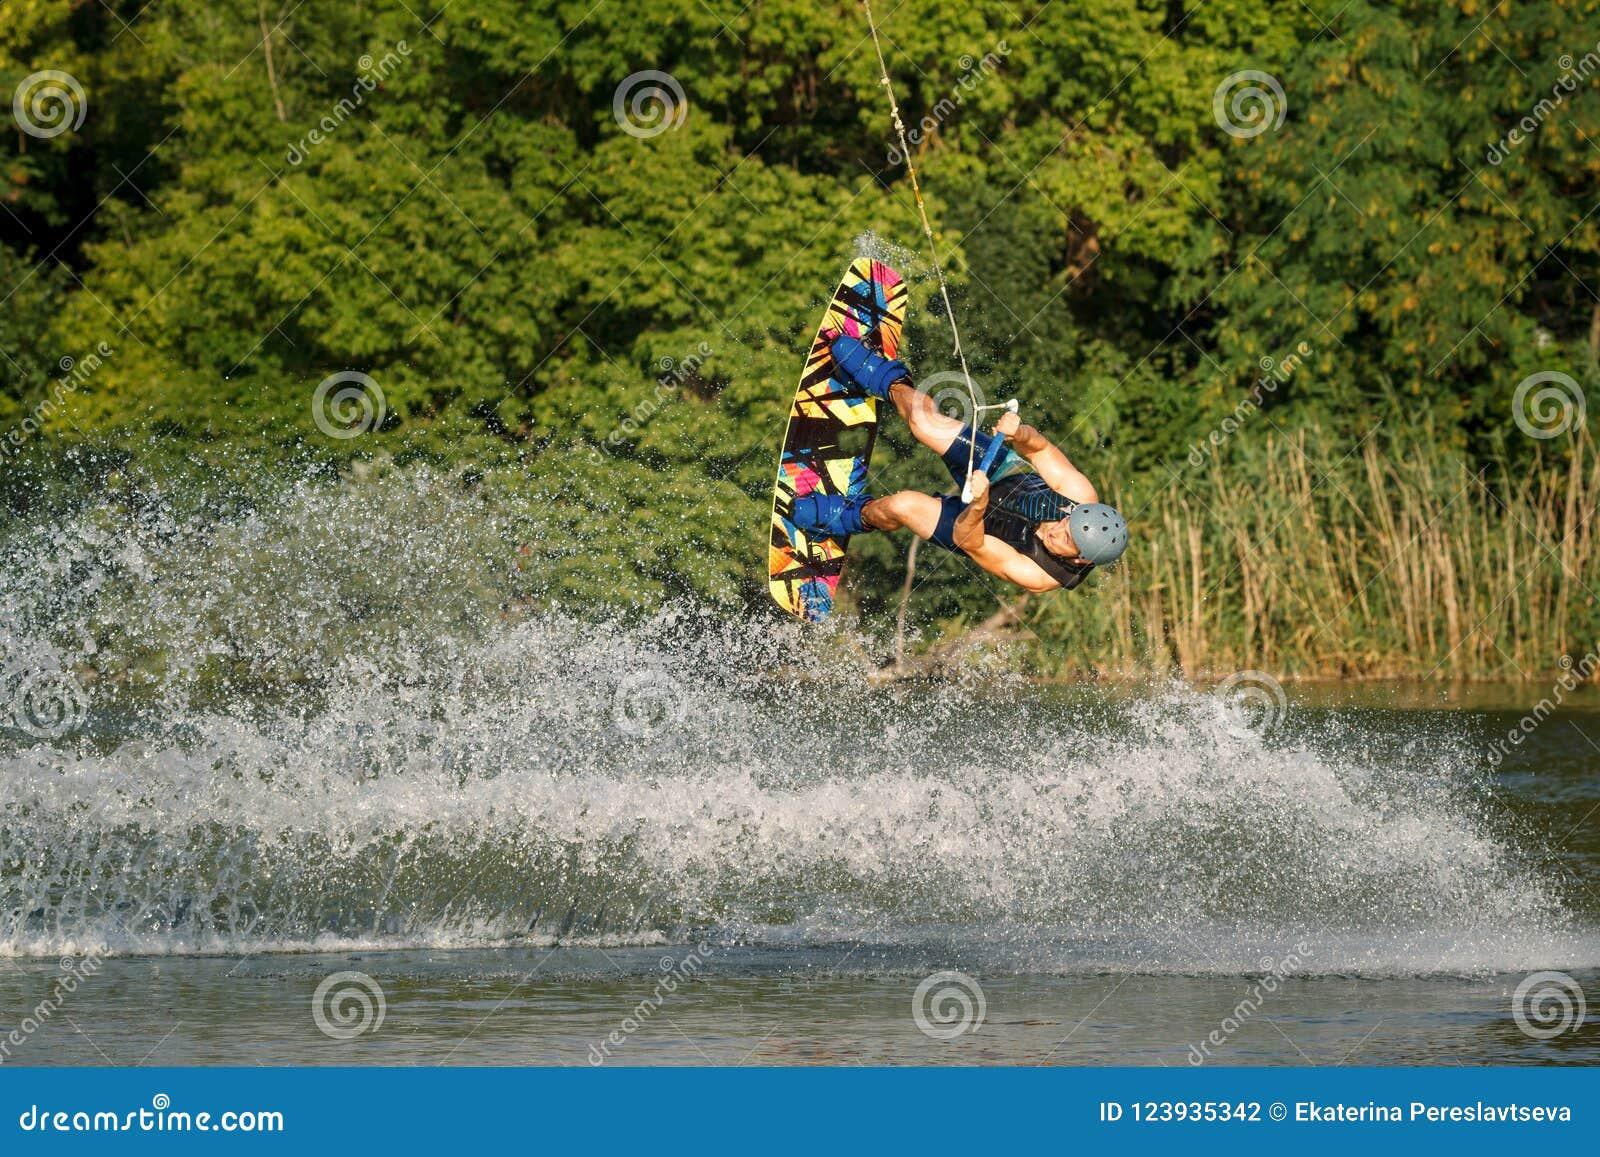 参与在湖的wakeboard一个人执行跃迁